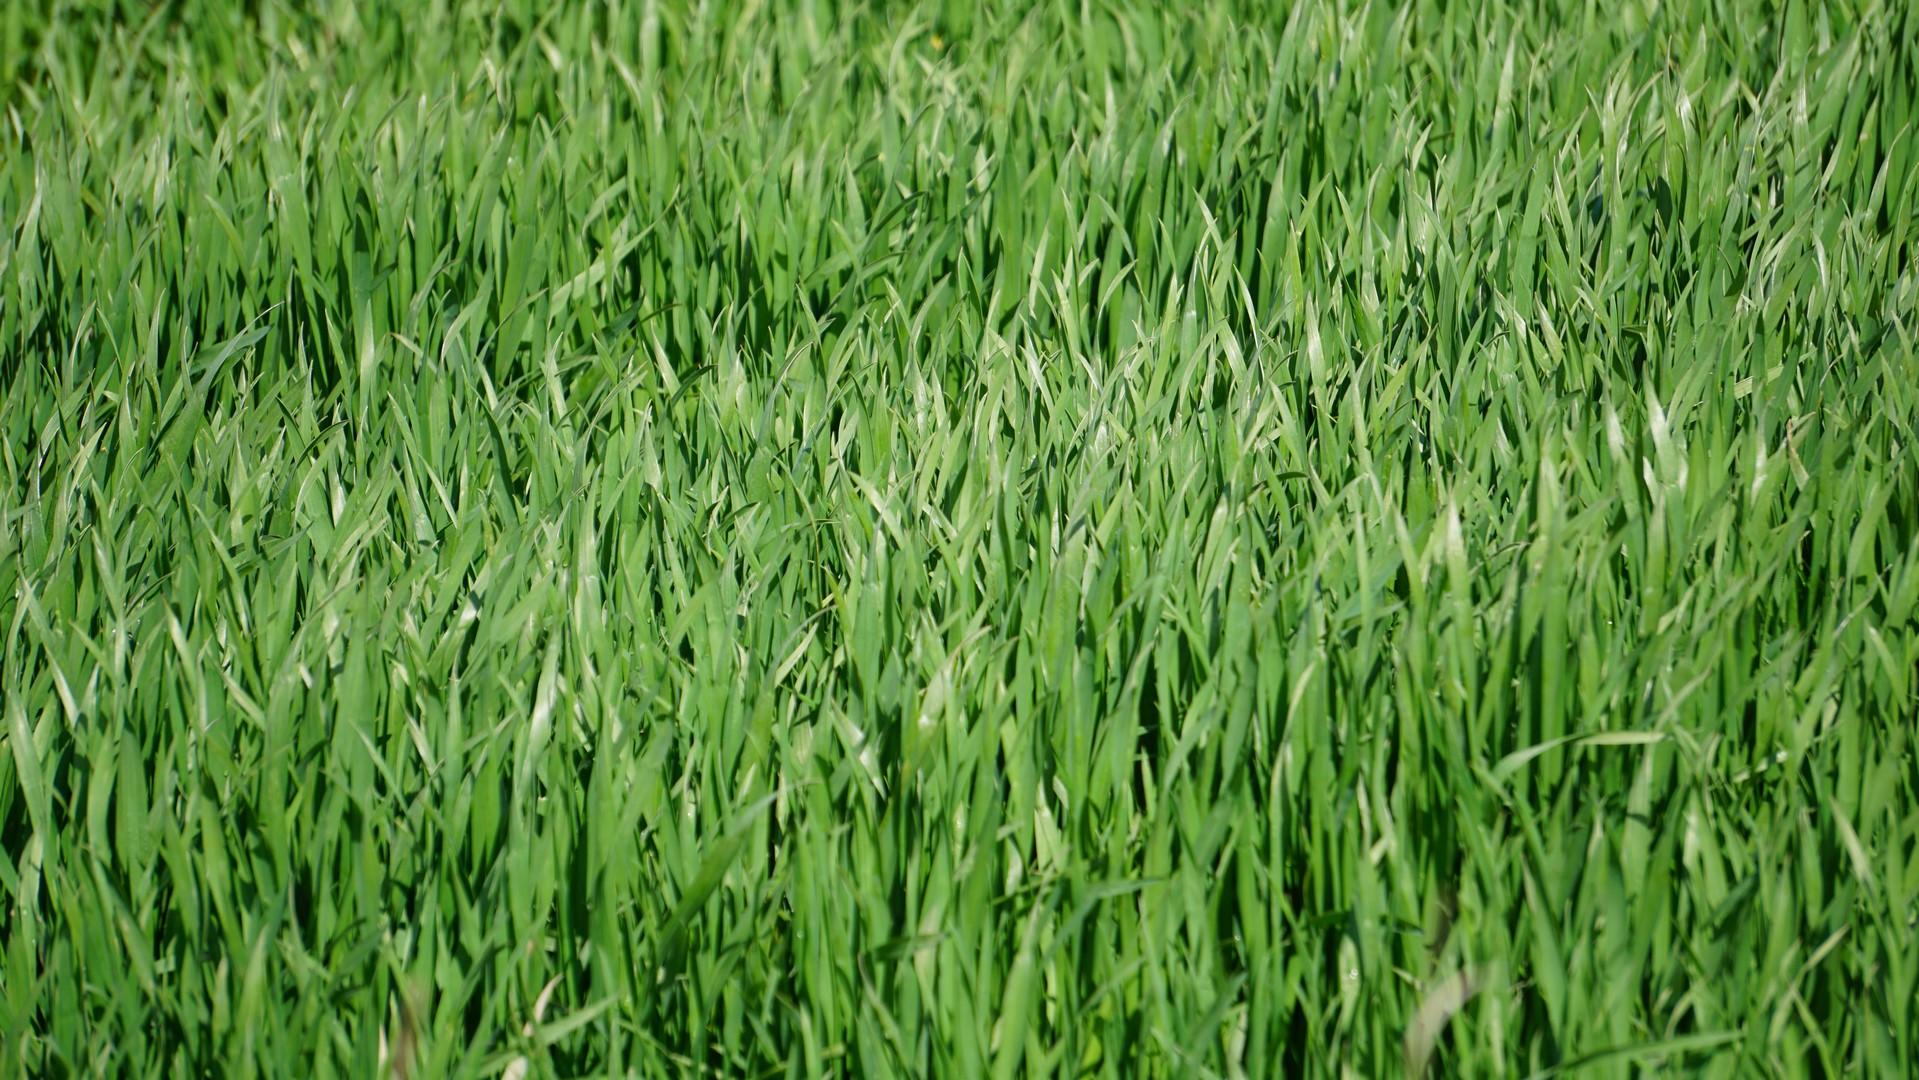 Notowania zbóż i oleistych. Unijne kontrakty na zboża i rzepak zamknęły tydzień spadkami (4.11.2016)